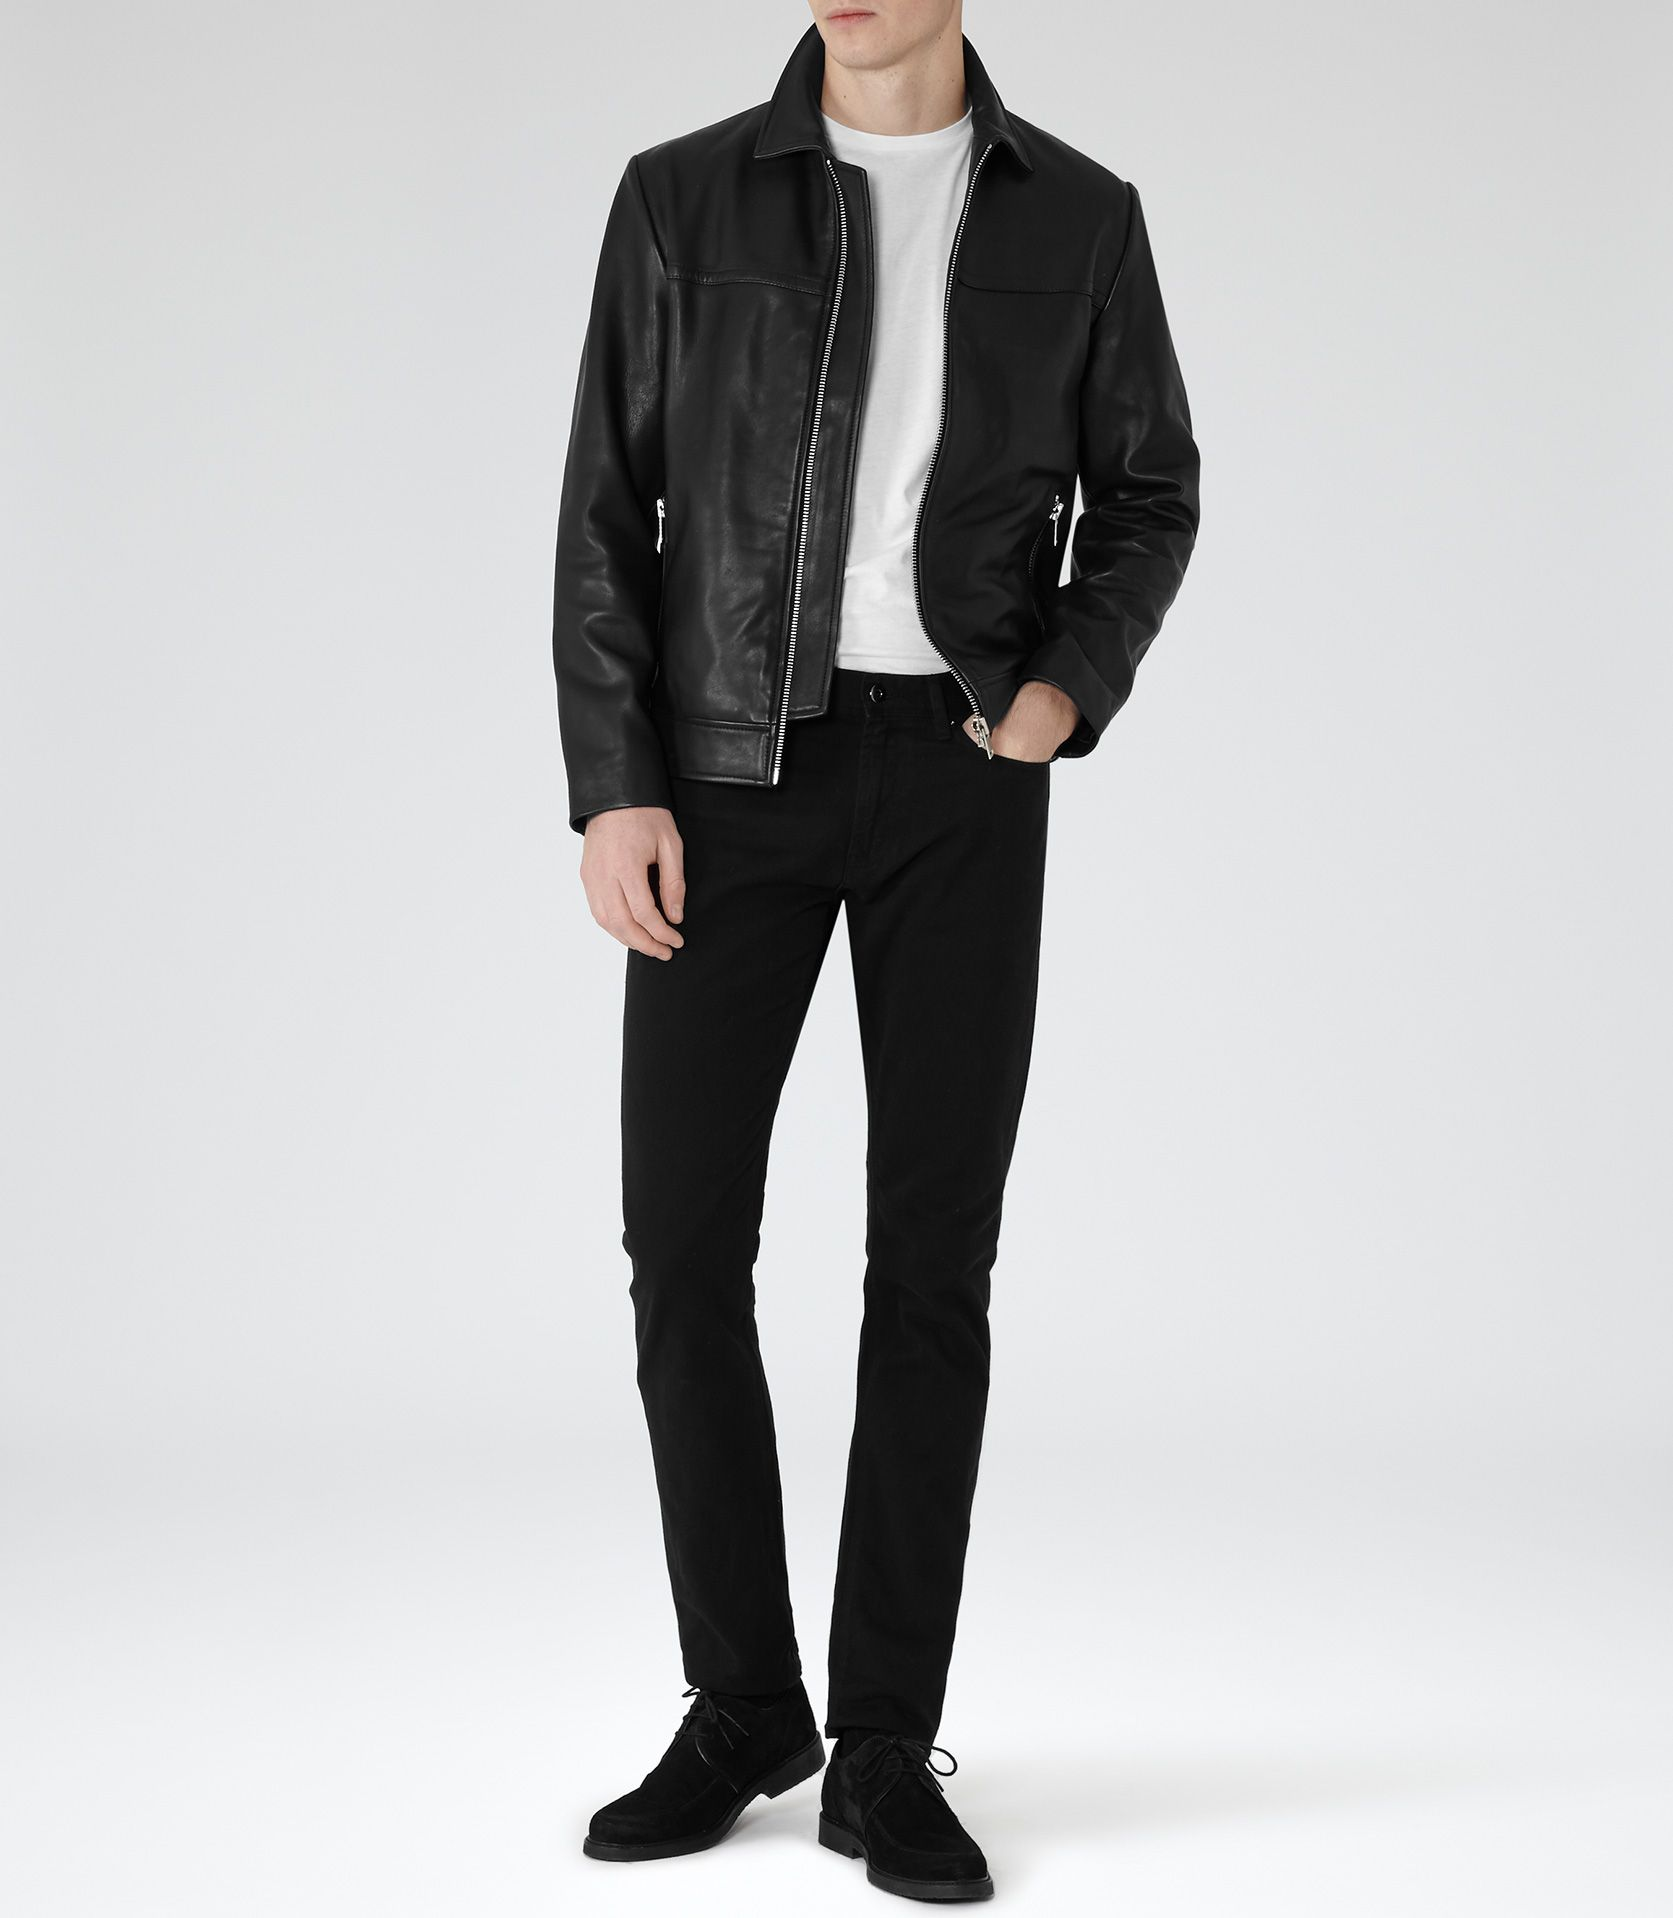 Leoni Black Zip Leather Jacket Leather Jacket Zipped Leather Jacket Mens Clothing Styles [ 1918 x 1673 Pixel ]